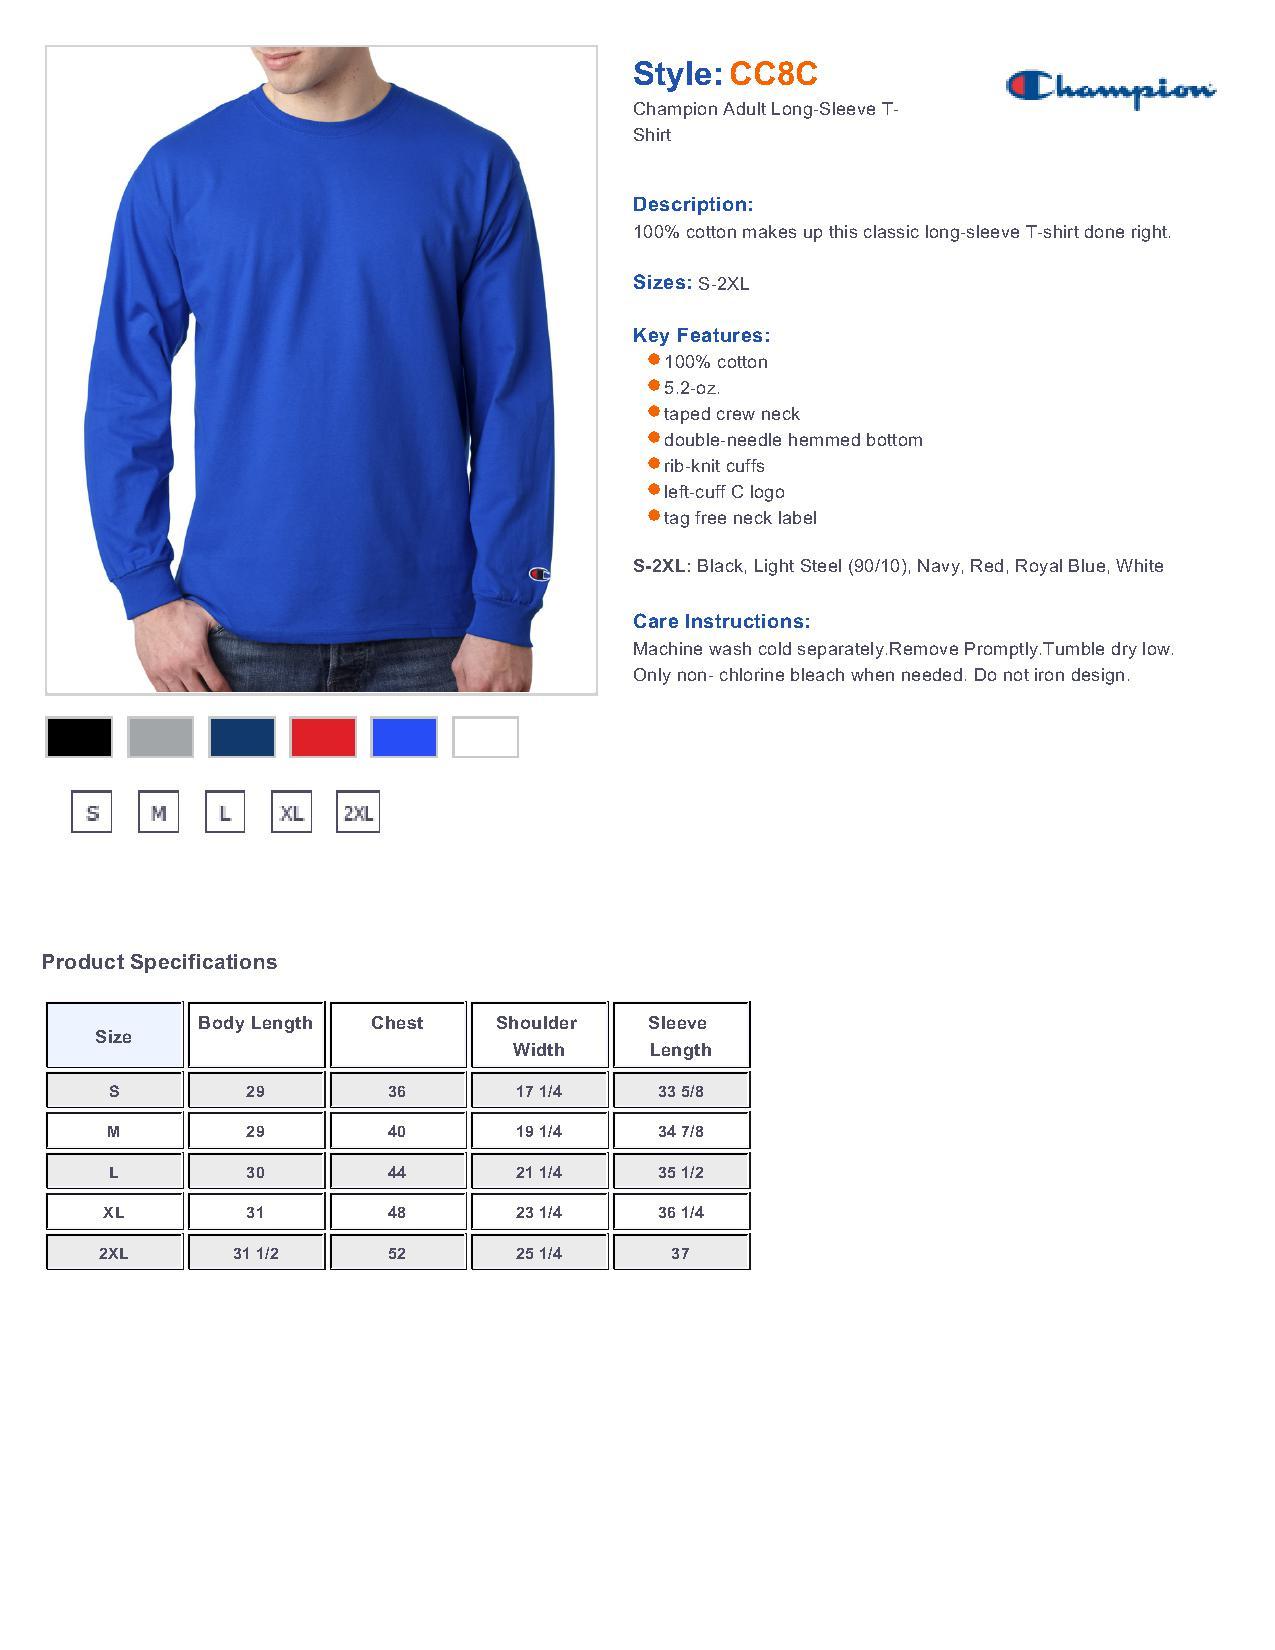 champion t shirt sizing chart